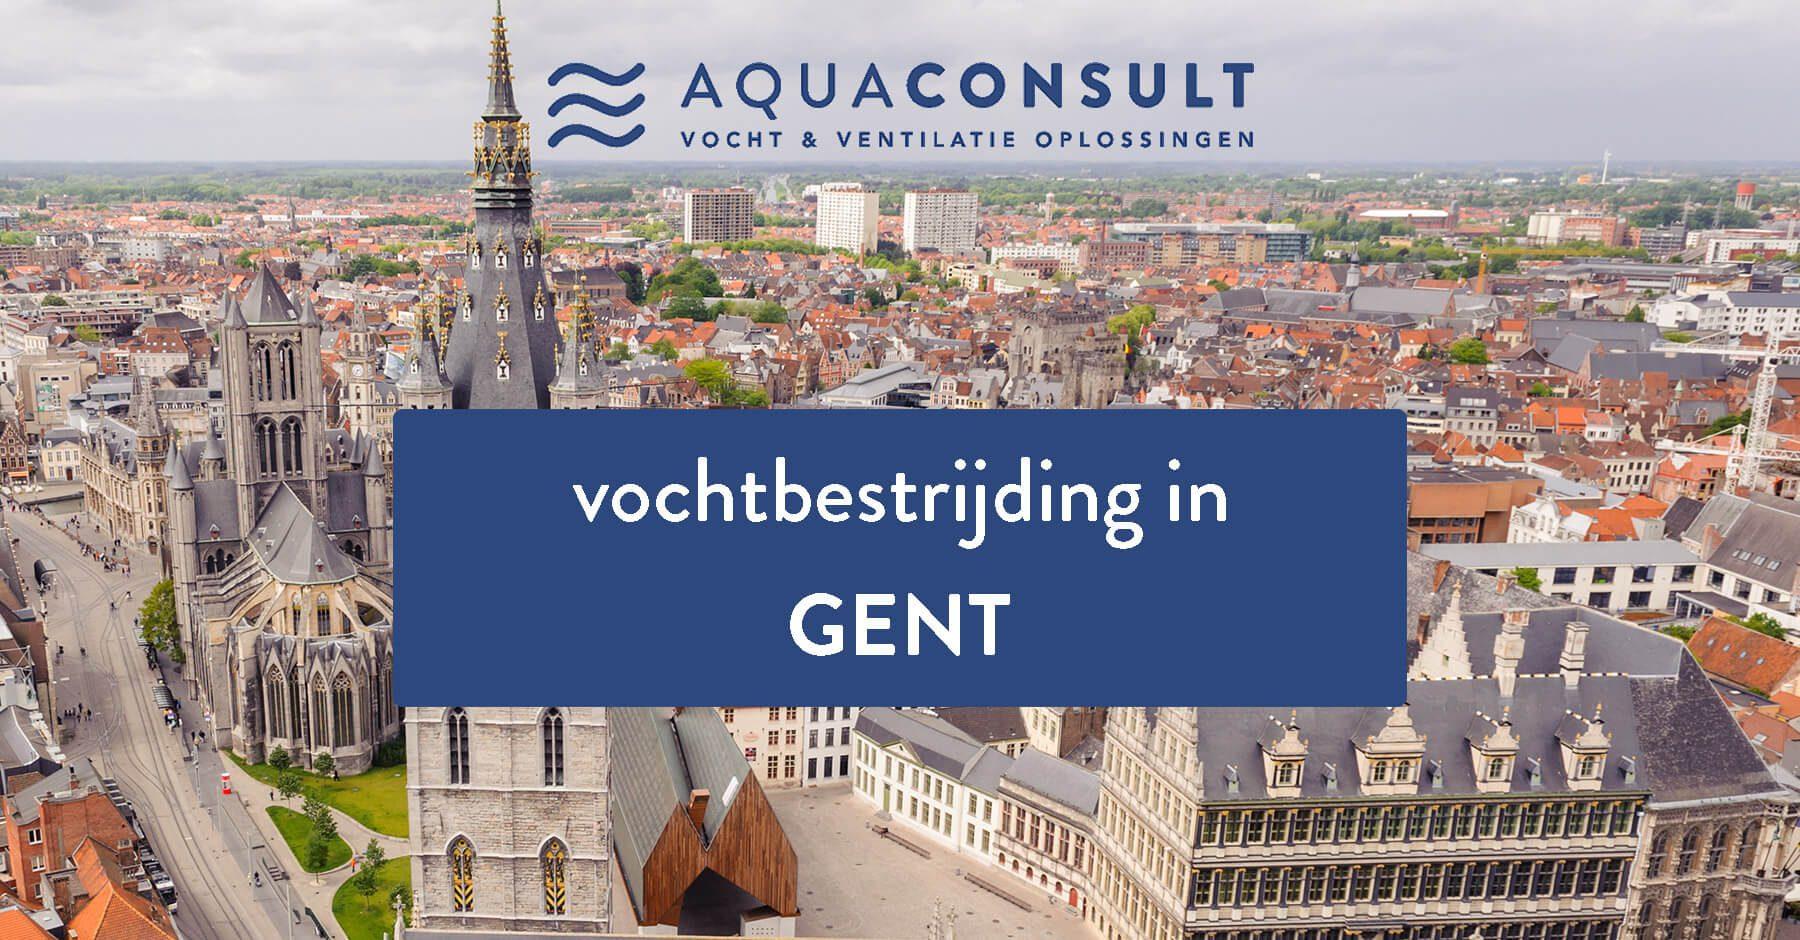 Vochtbestrijding in regio Gent